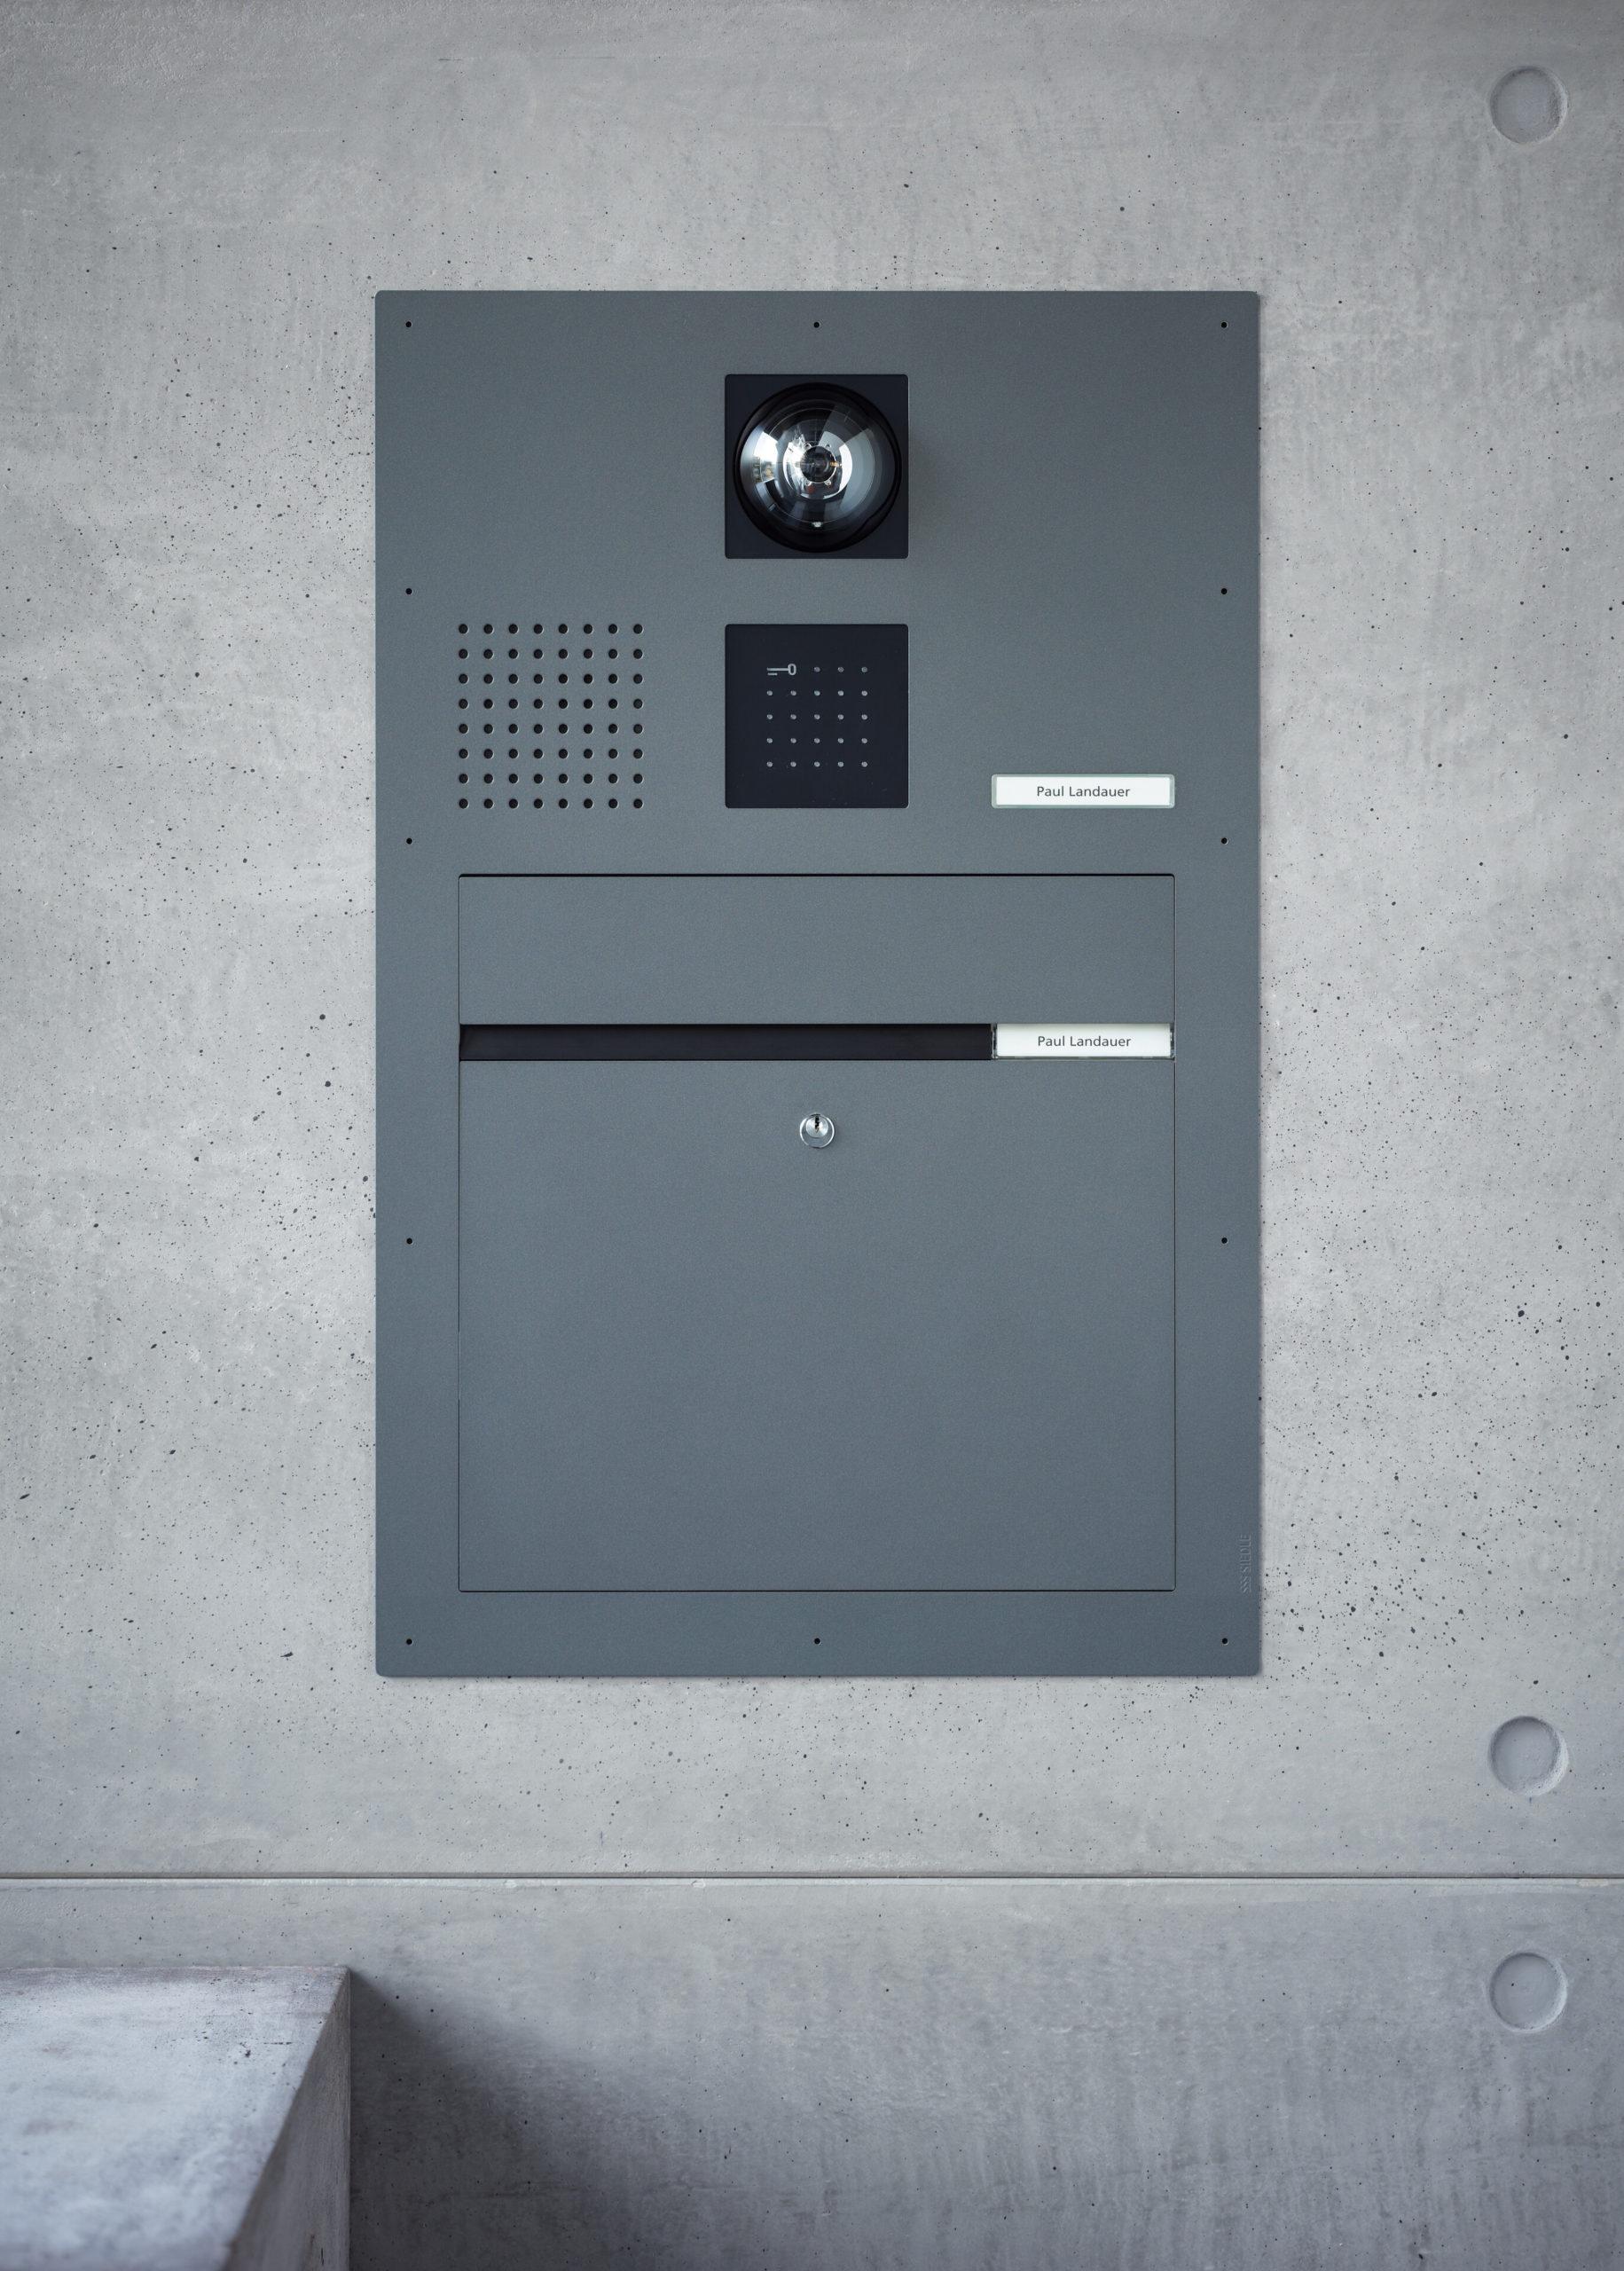 Siedle Classic Sprechanlage dunkel bei Elektro Sasse Bremerhaven